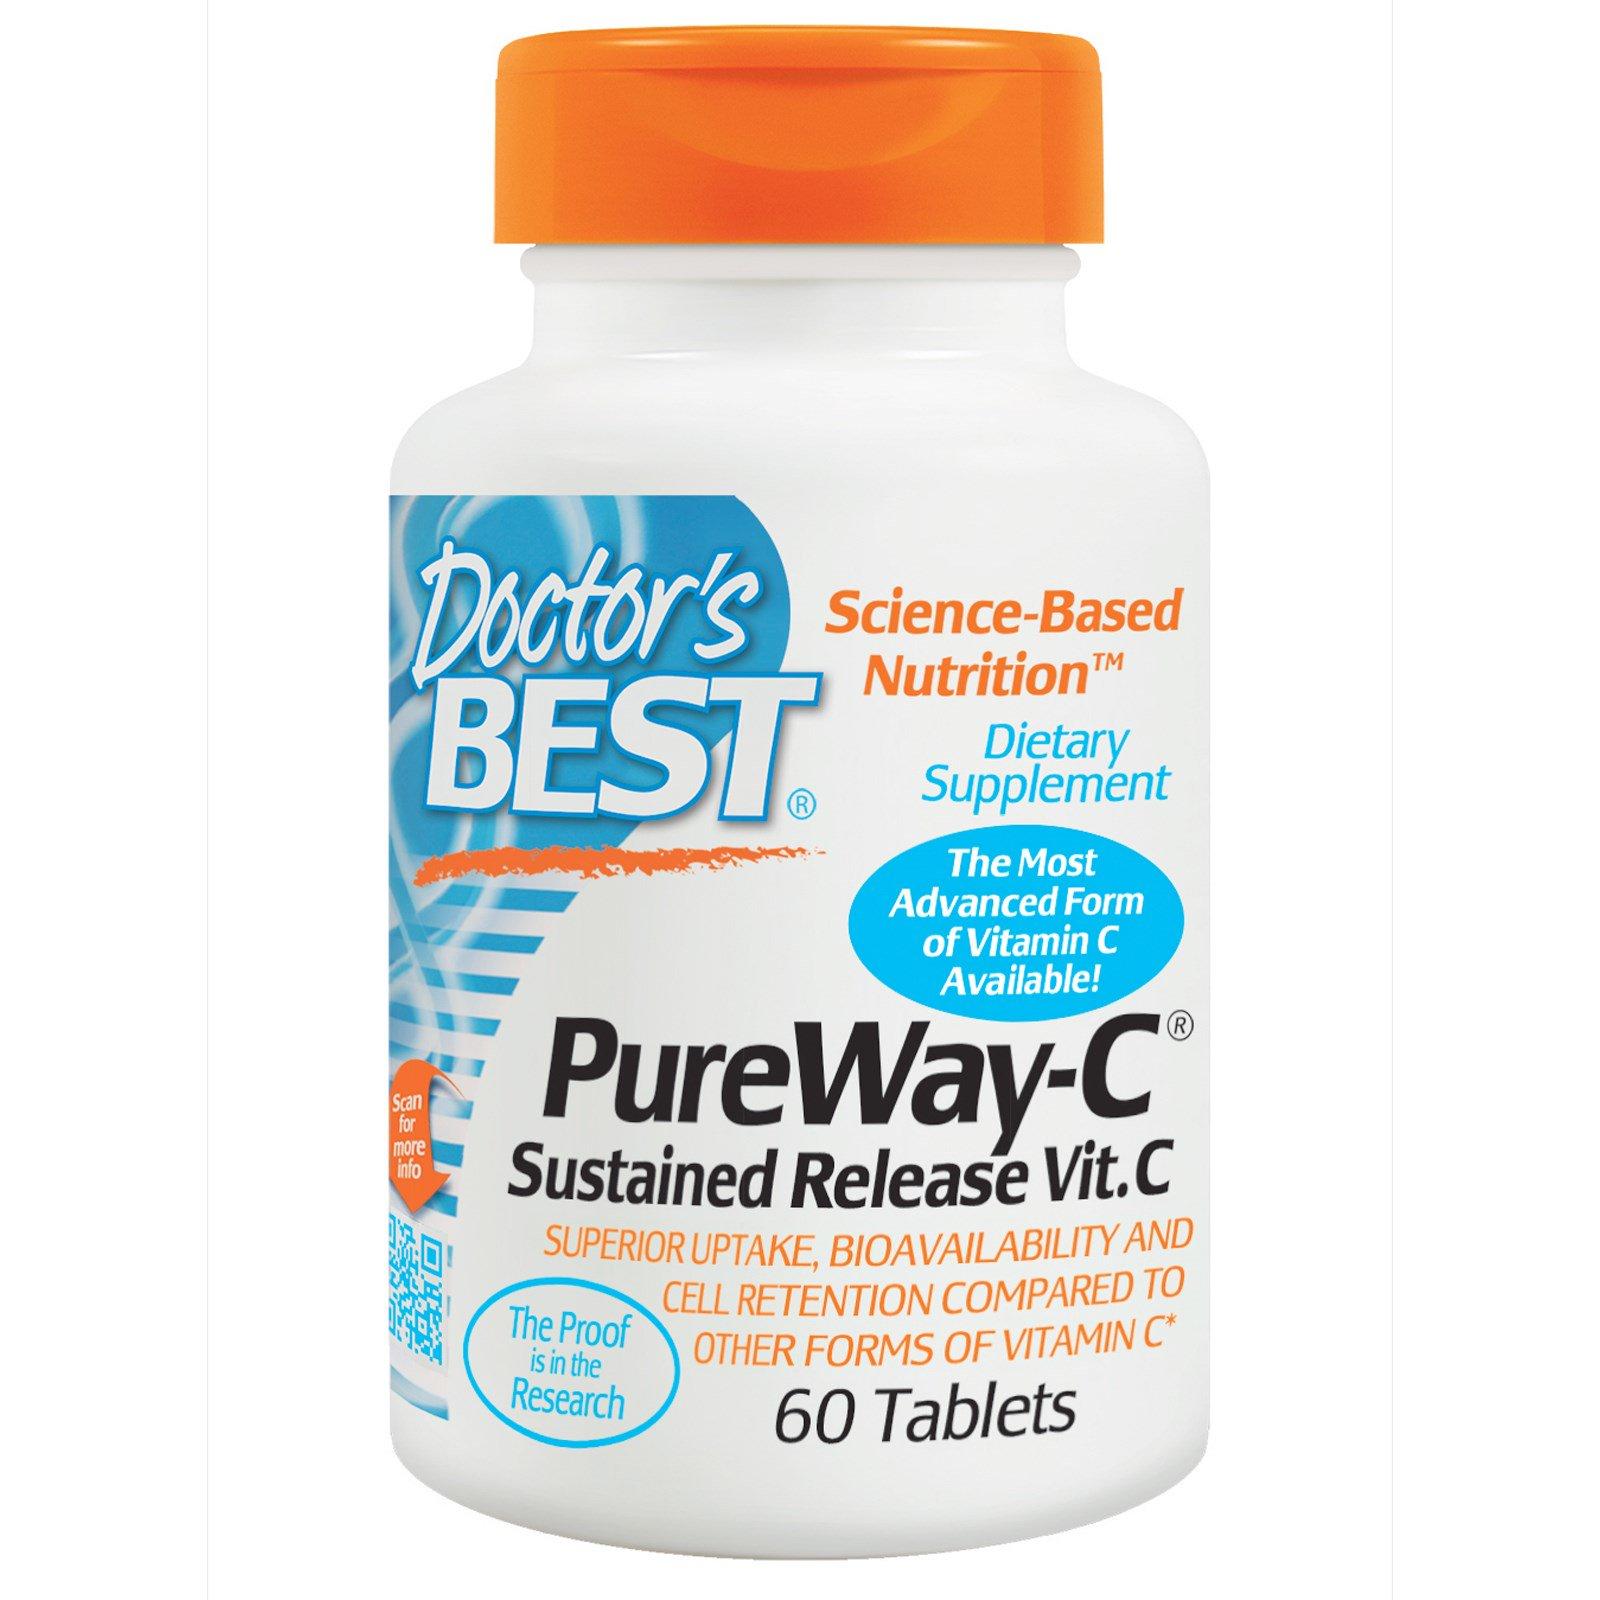 Doctor's Best, PureWay-C, Витамин С пролонгированного действия , 60 таблеток